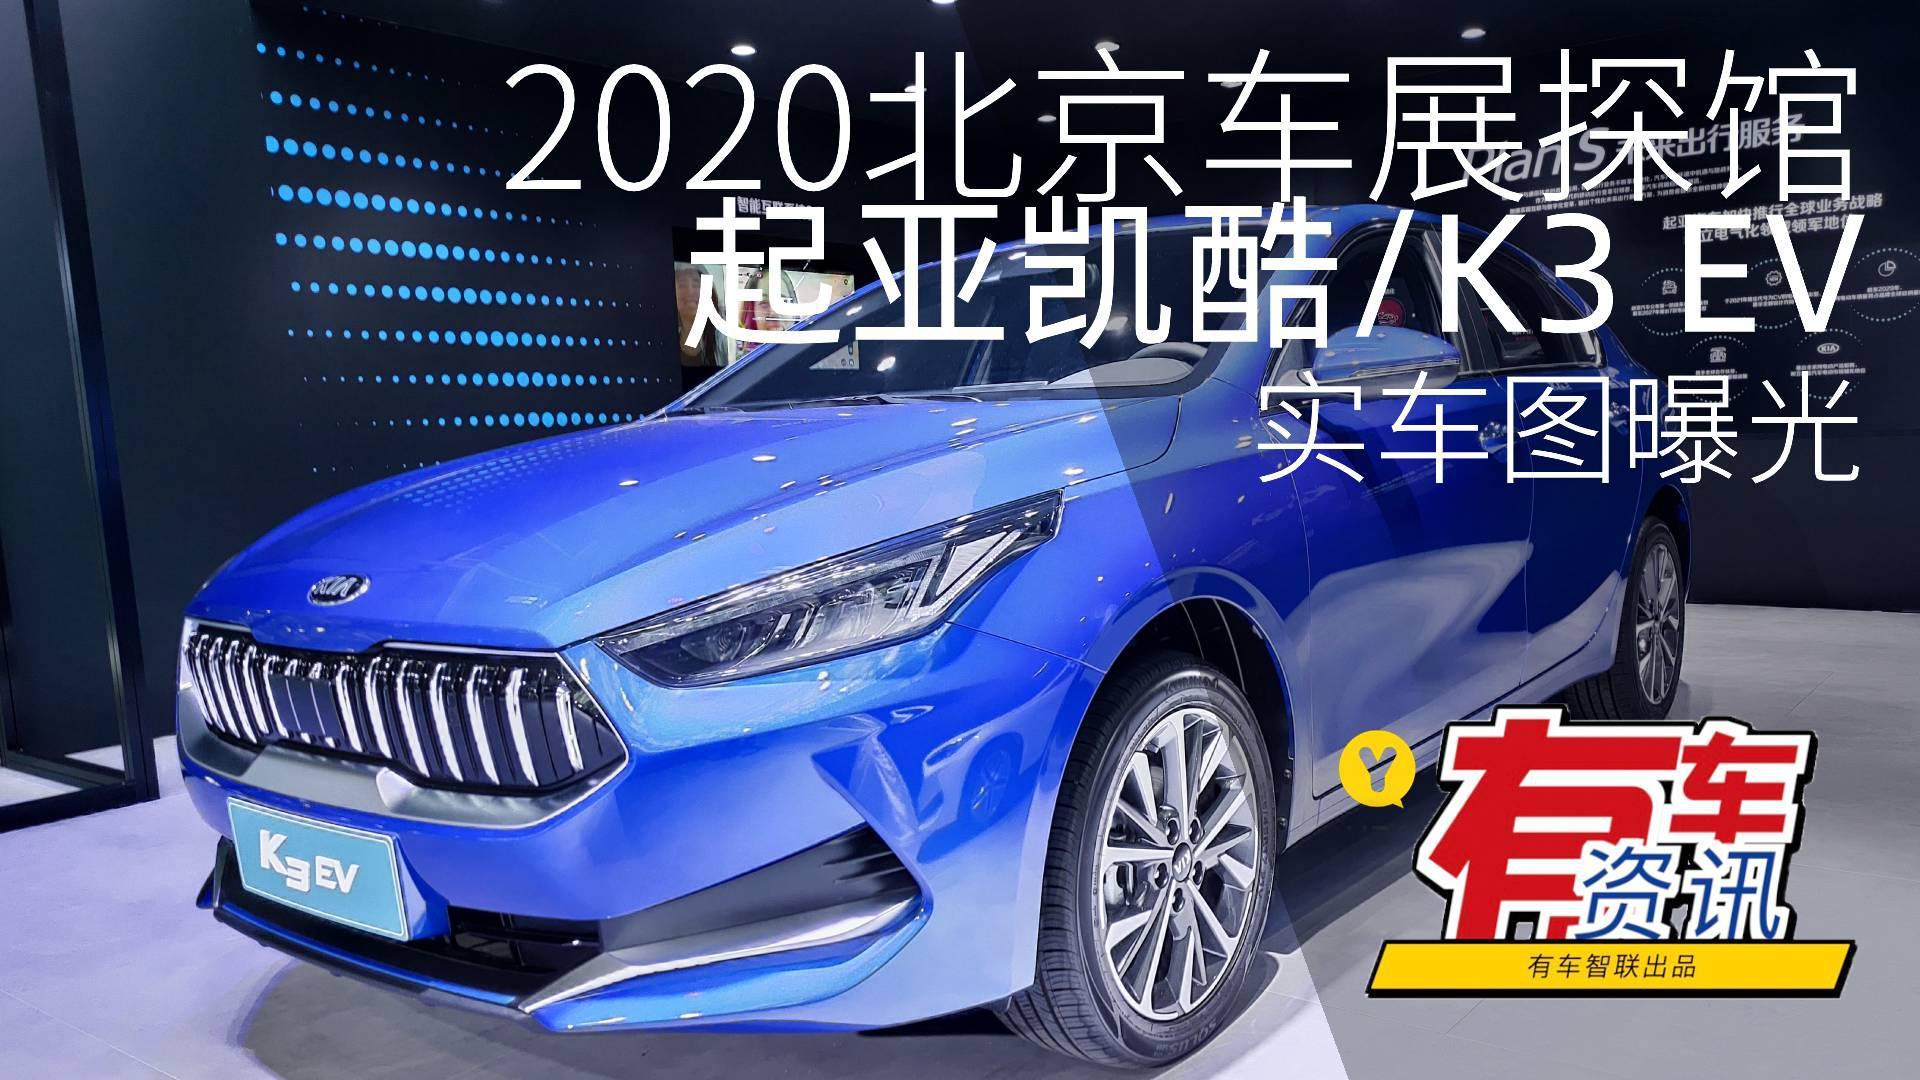 视频:2020北京车展探馆丨东风悦达起亚凯酷与K3纯电动版现身展台